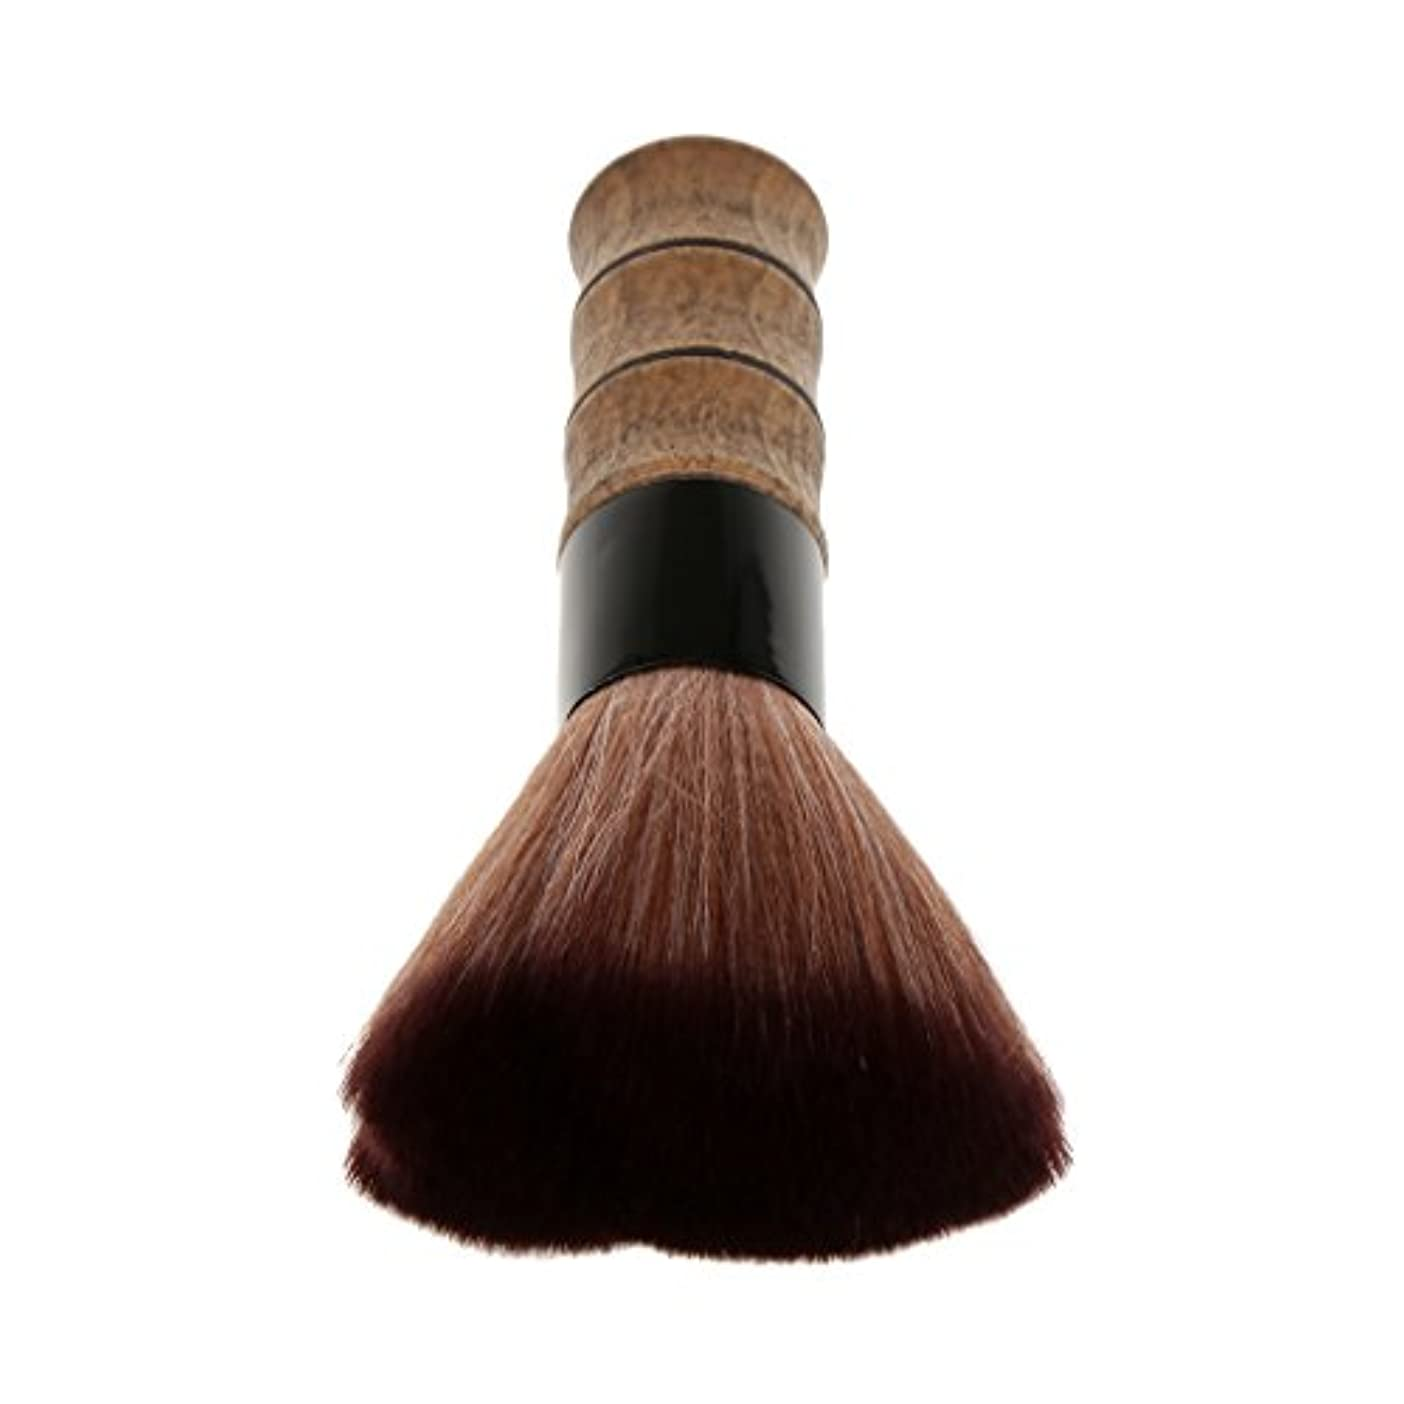 スライス永久スリチンモイT TOOYFUL 顔の首の毛の切断の塵の剃るブラシの顔の赤面の粉の構造のブラシ - 褐色